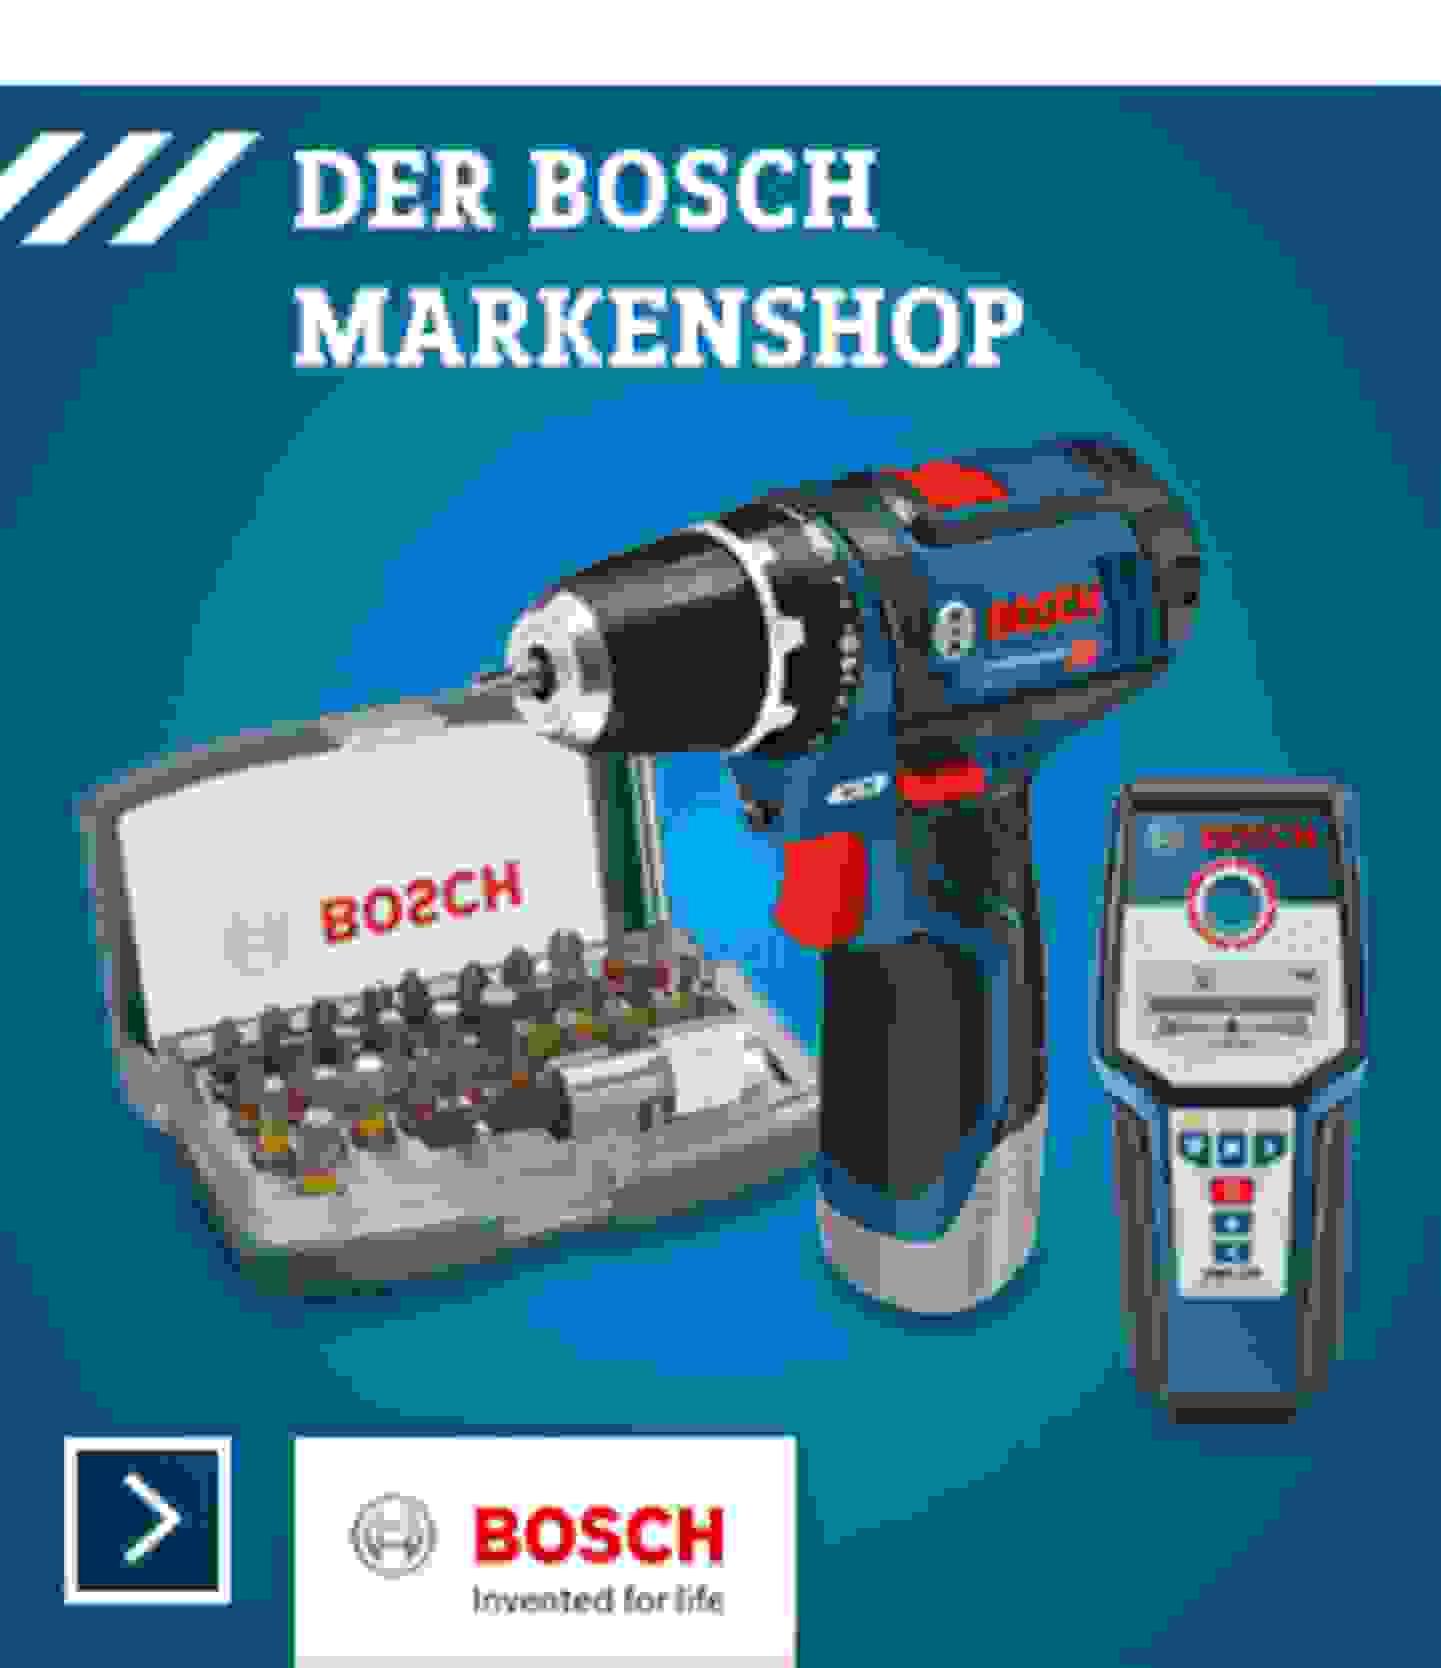 Bosch Markenshop